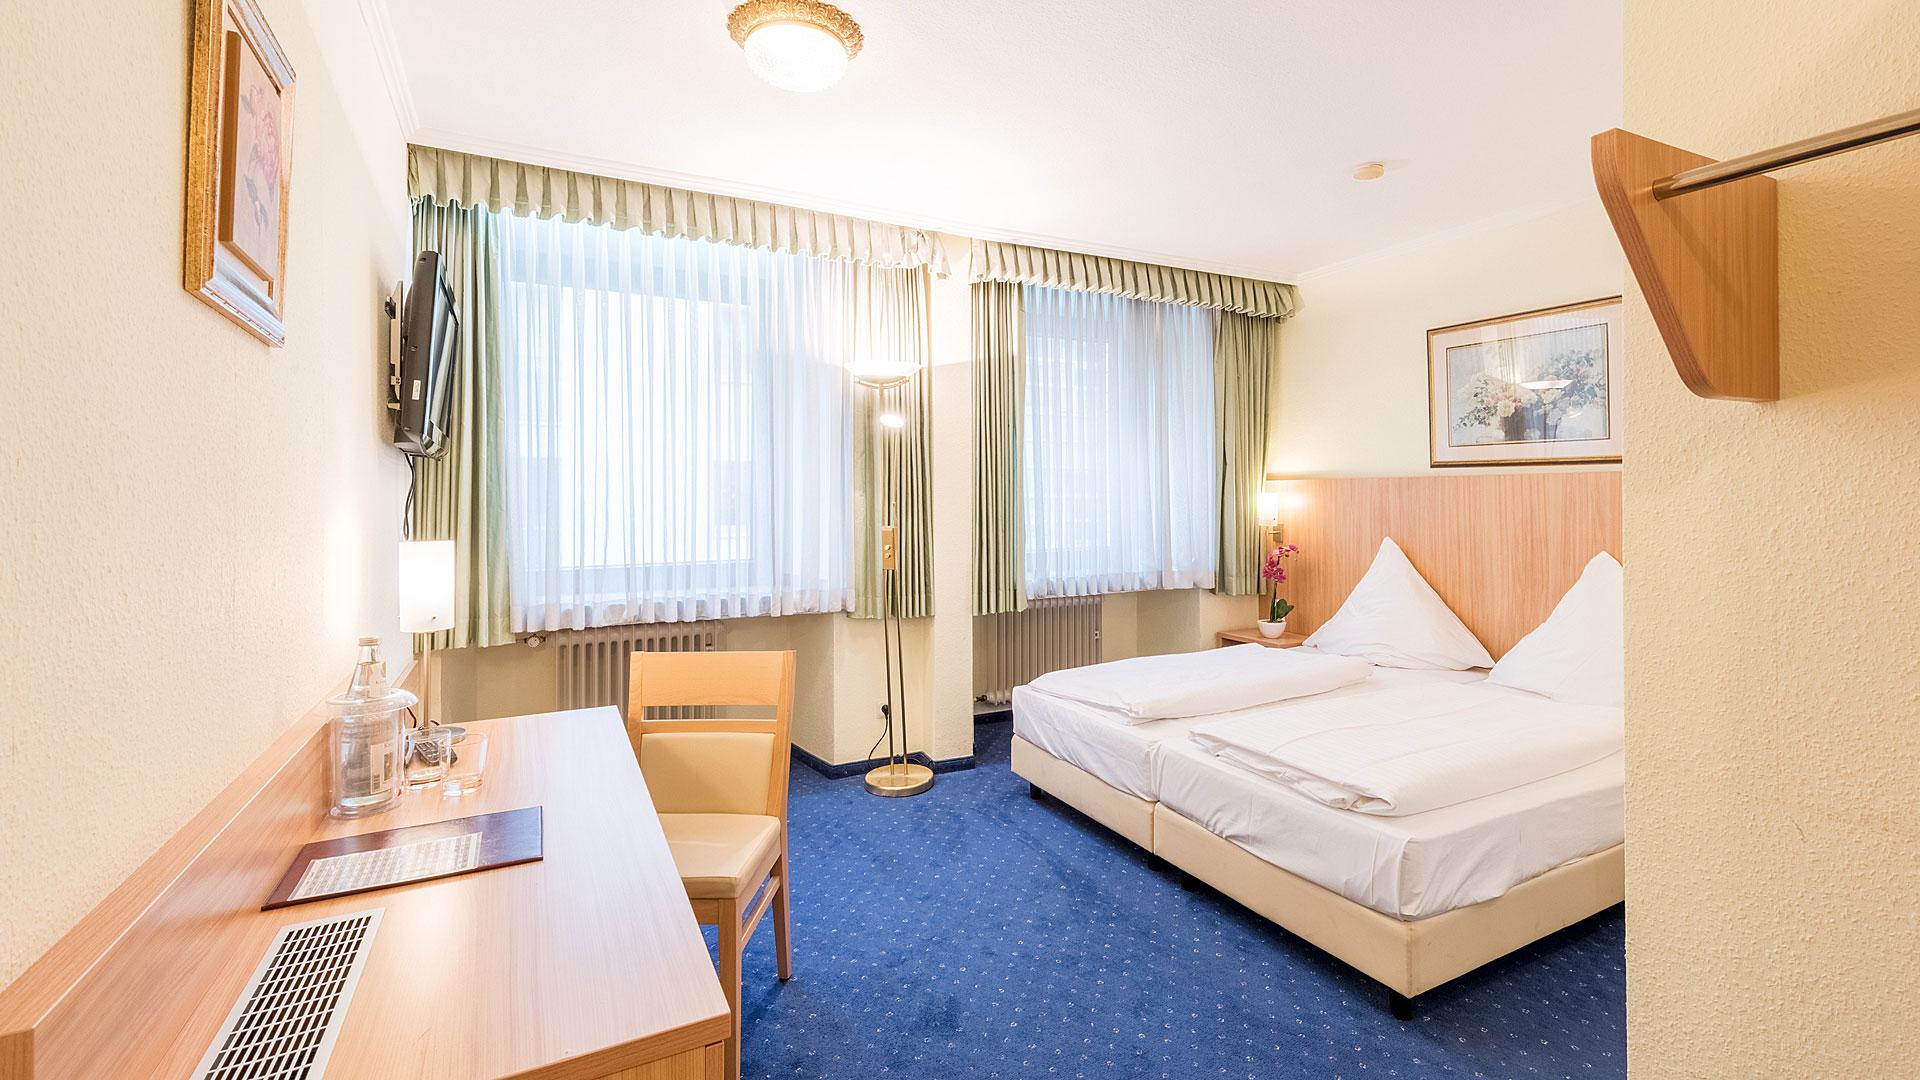 Willkommen Im Windsor Hotel In Koln Wir Freuen Uns Auf Ihren Besuch